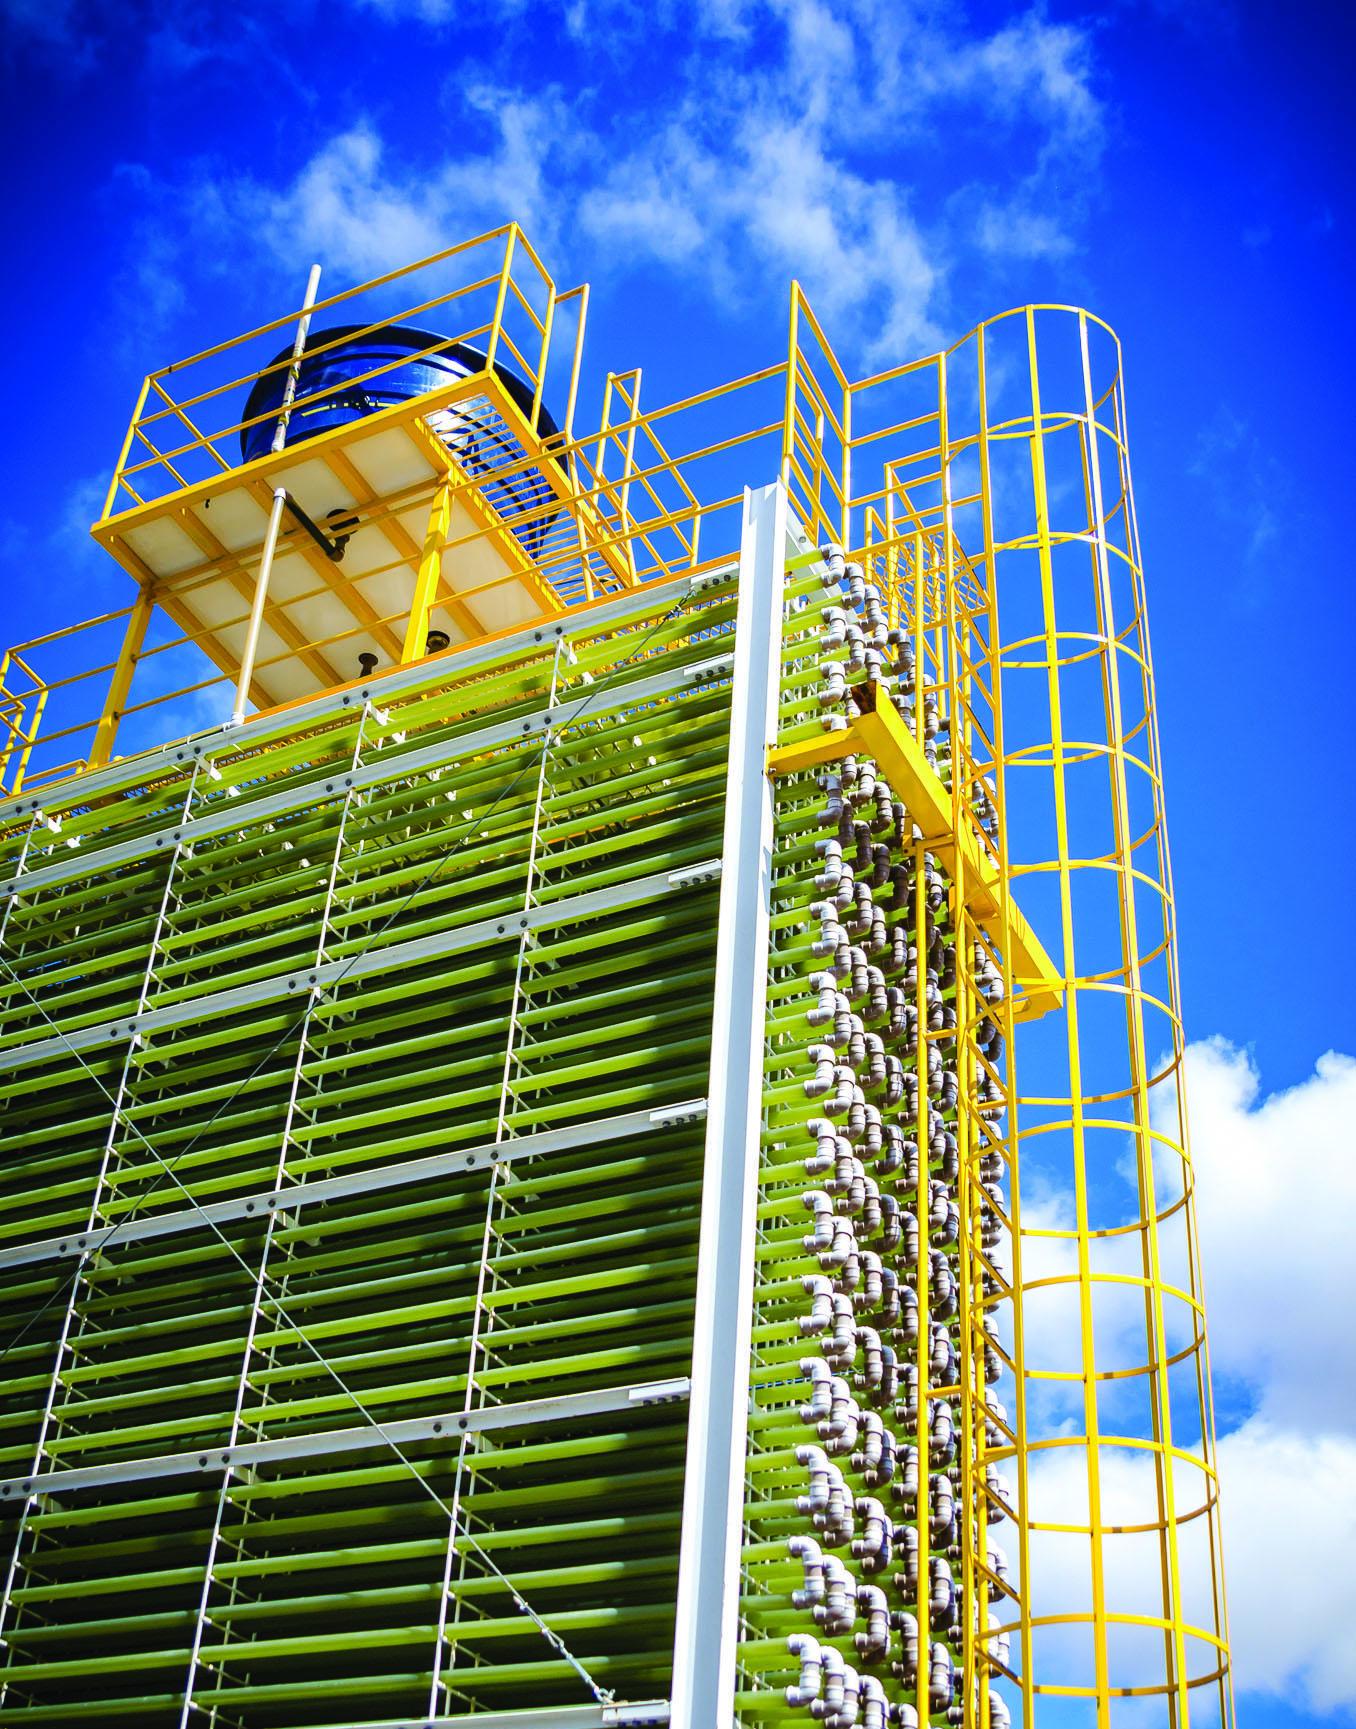 O fotobiorreator tubular compacto desenvolvido pelo NPDEAS tem 12 mil litros de capacidade e articula 3,5 quilómetros de tubos transparentes arranjados em um espaço de dez metros quadrados. Foto: André Filgueira/Sucom-UFPR